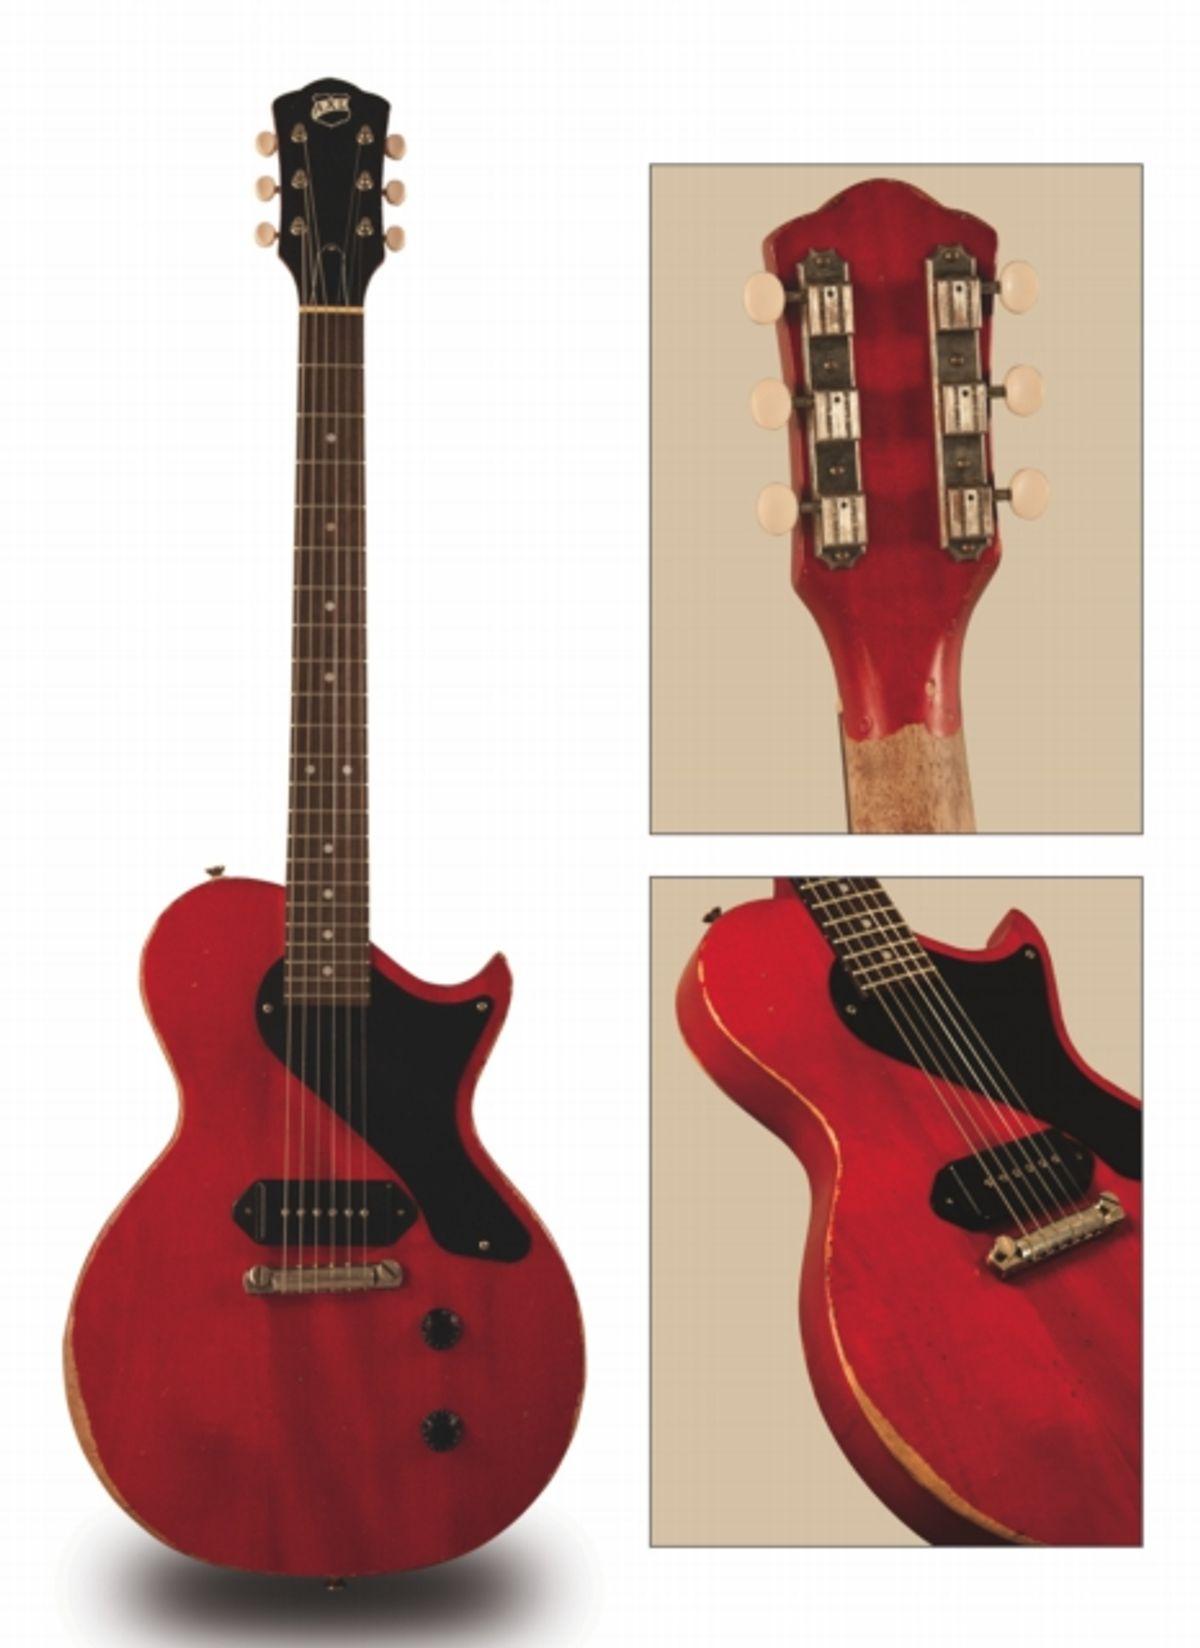 AXL Guitars Announces Hand-Aged Bulldog